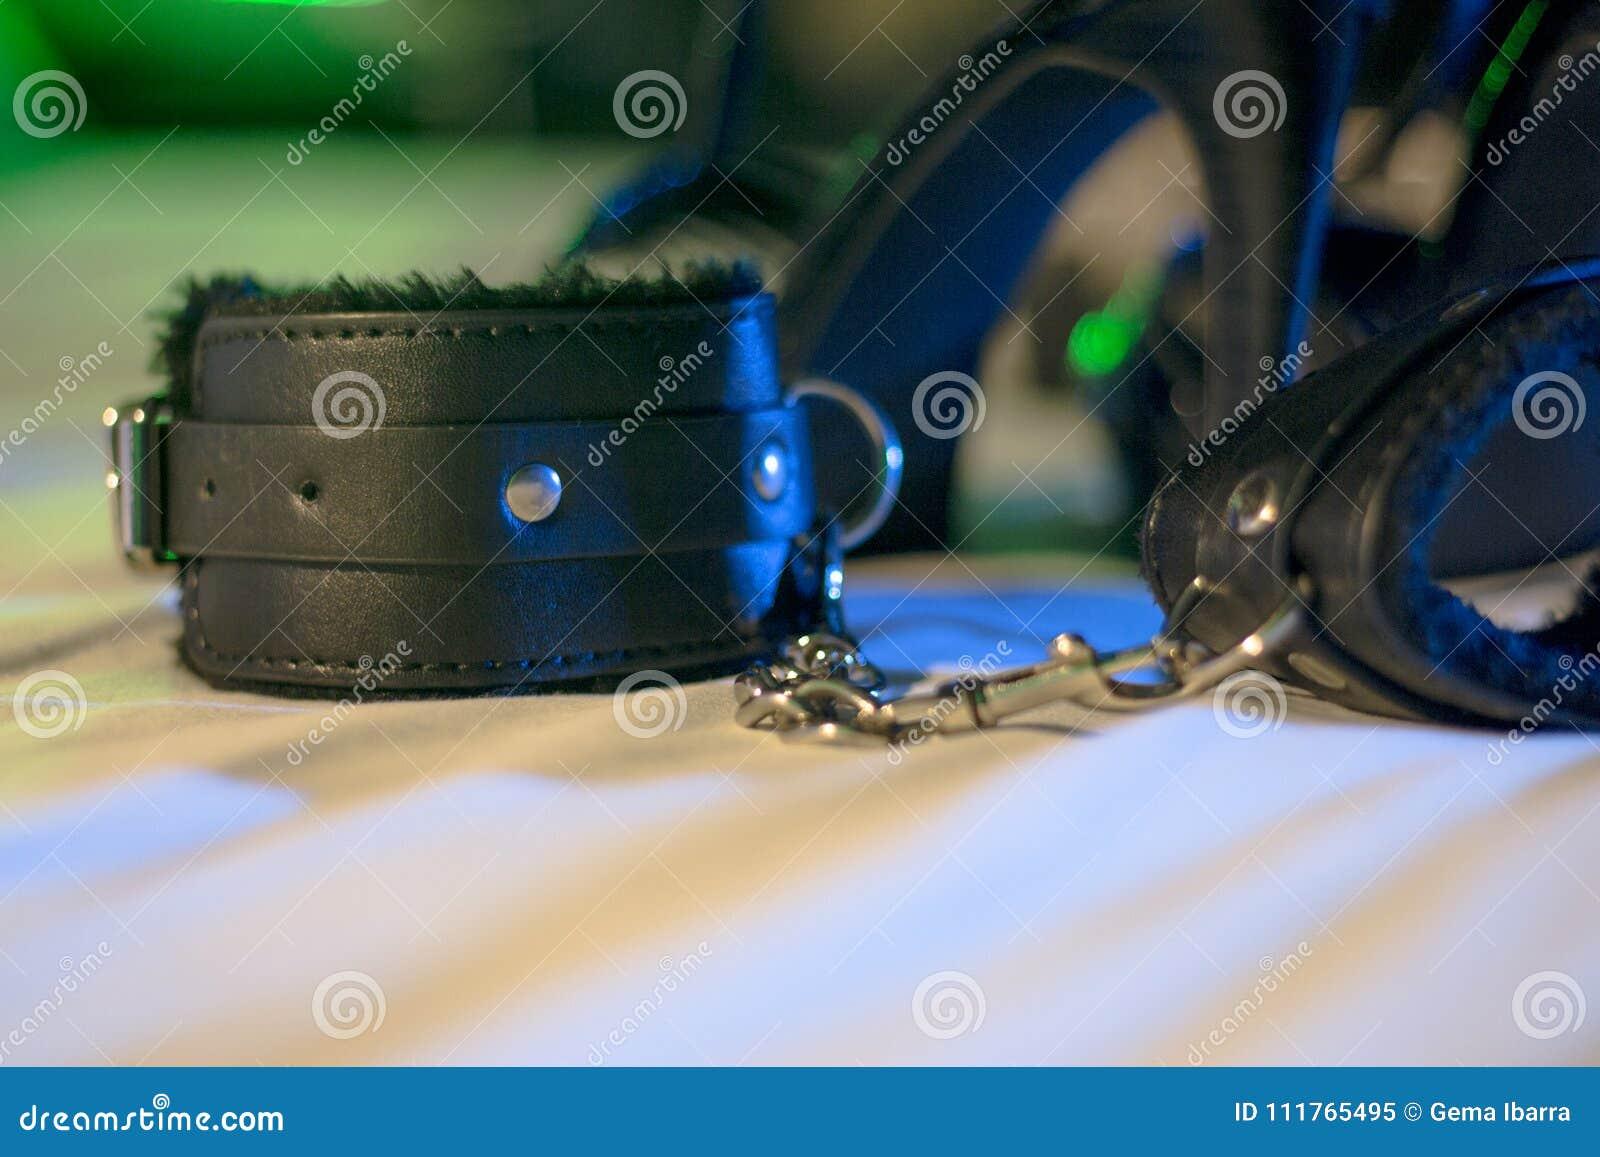 Handschellen für erotische Spiele unterordnung